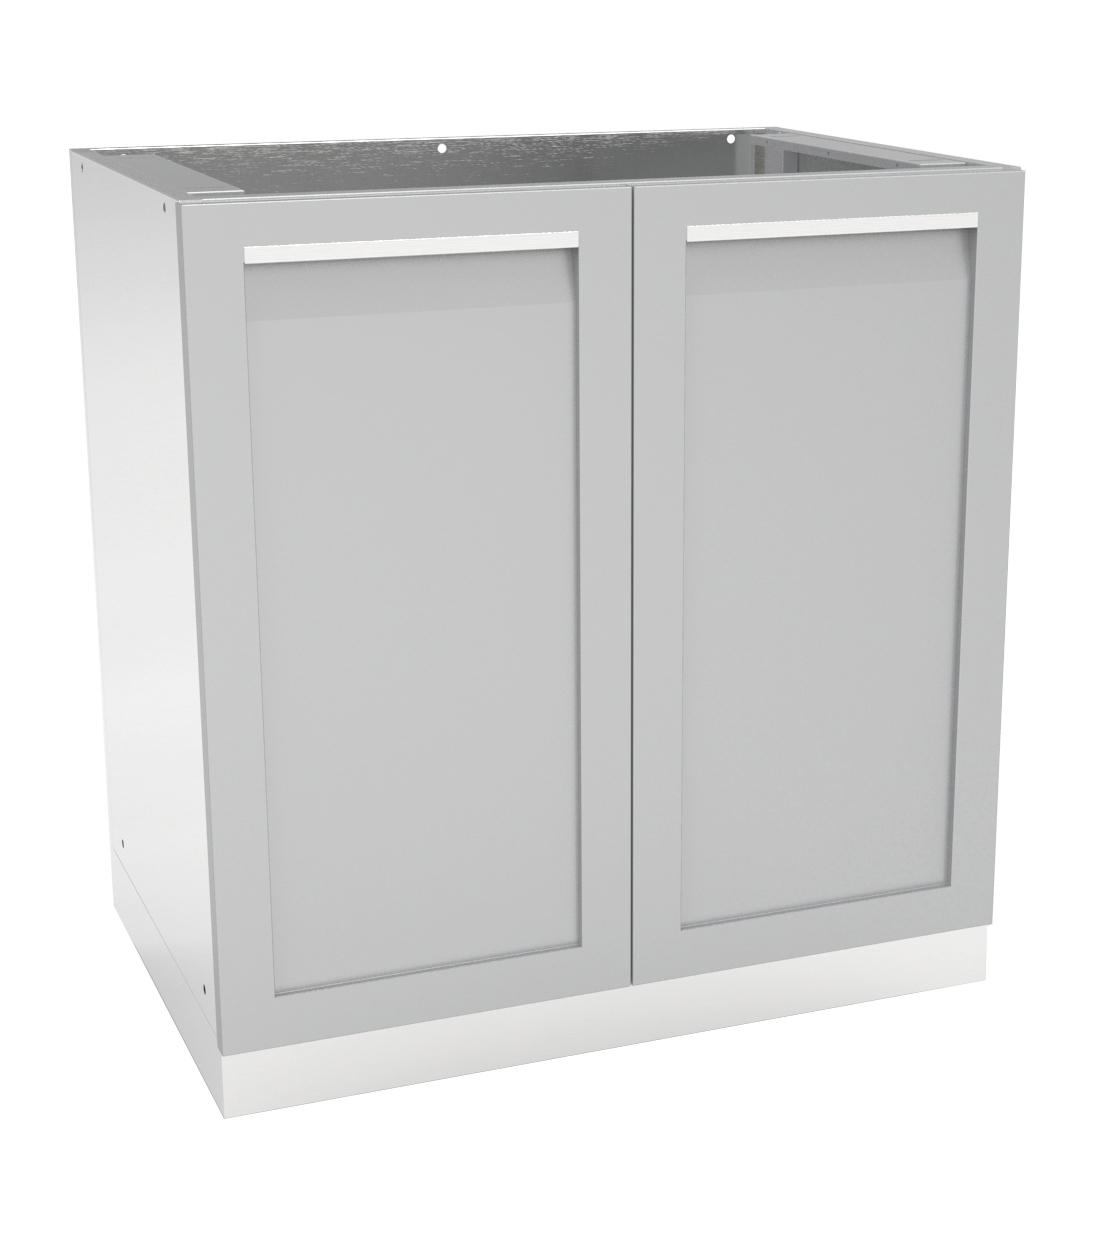 2 door outdoor kitchen cabinet g40001 4 life outdoor inc for 4 kitchen cabinet